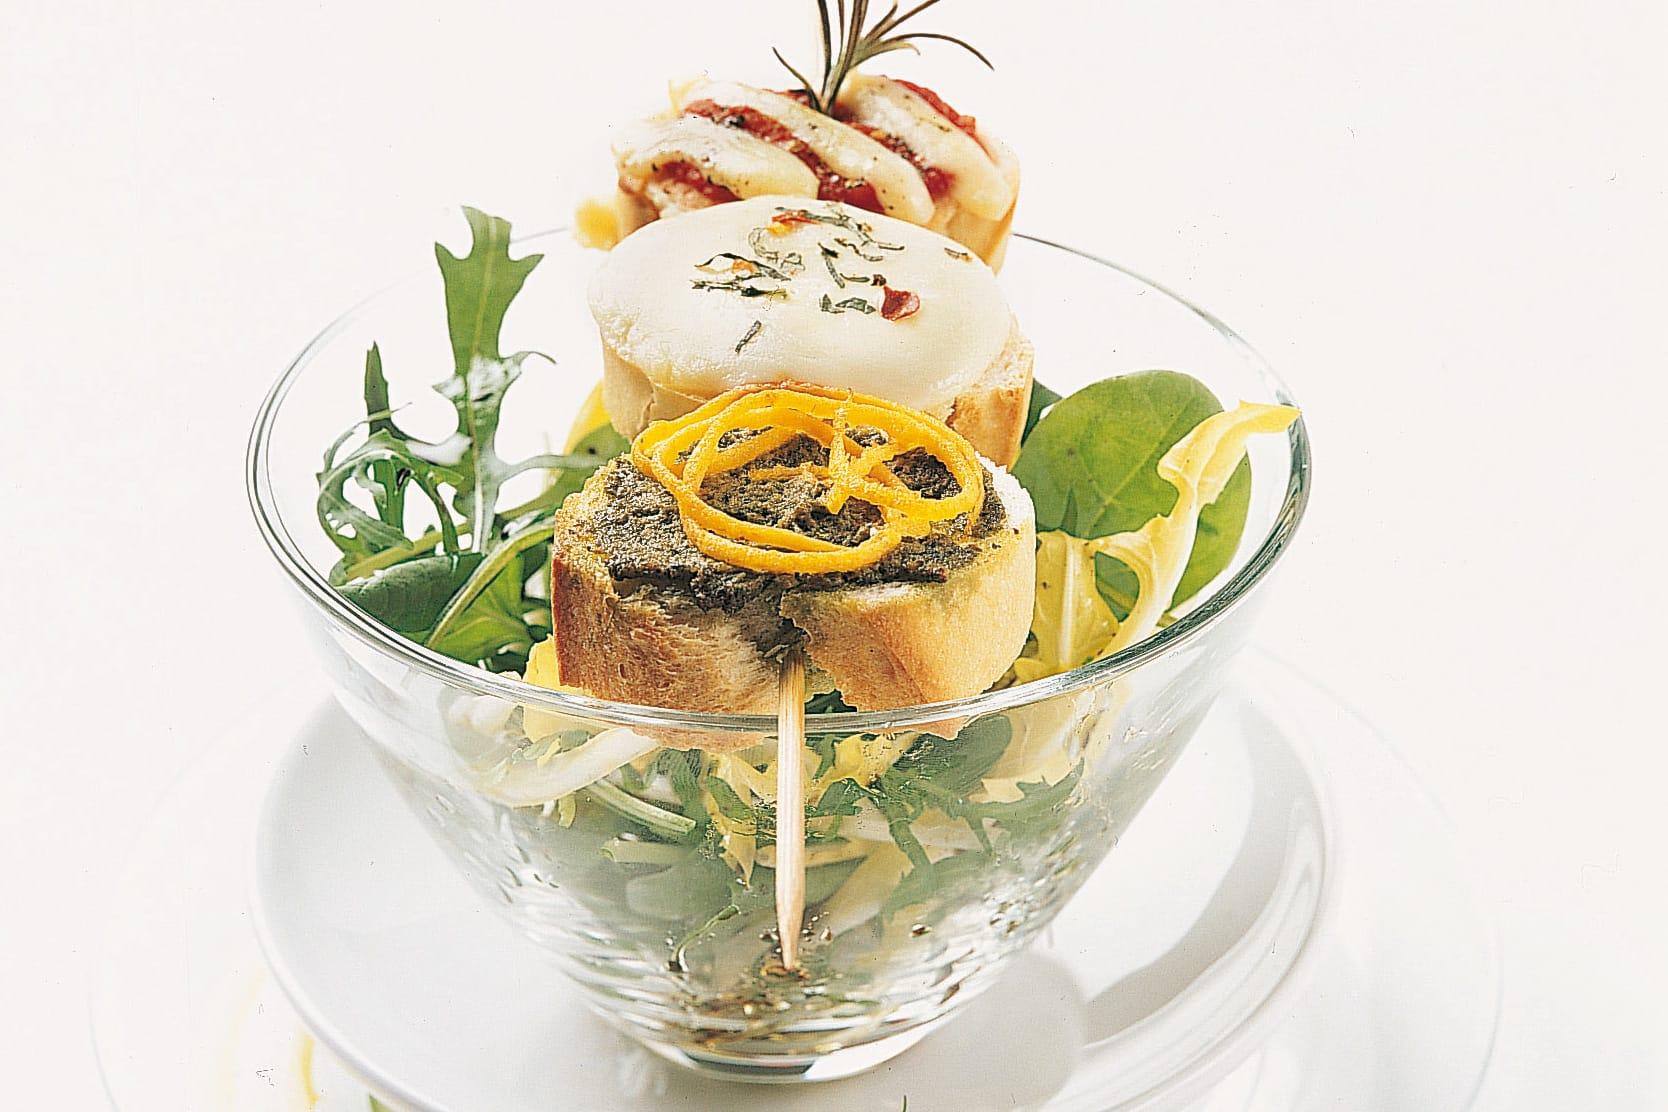 Brochette de bruschettas et salade